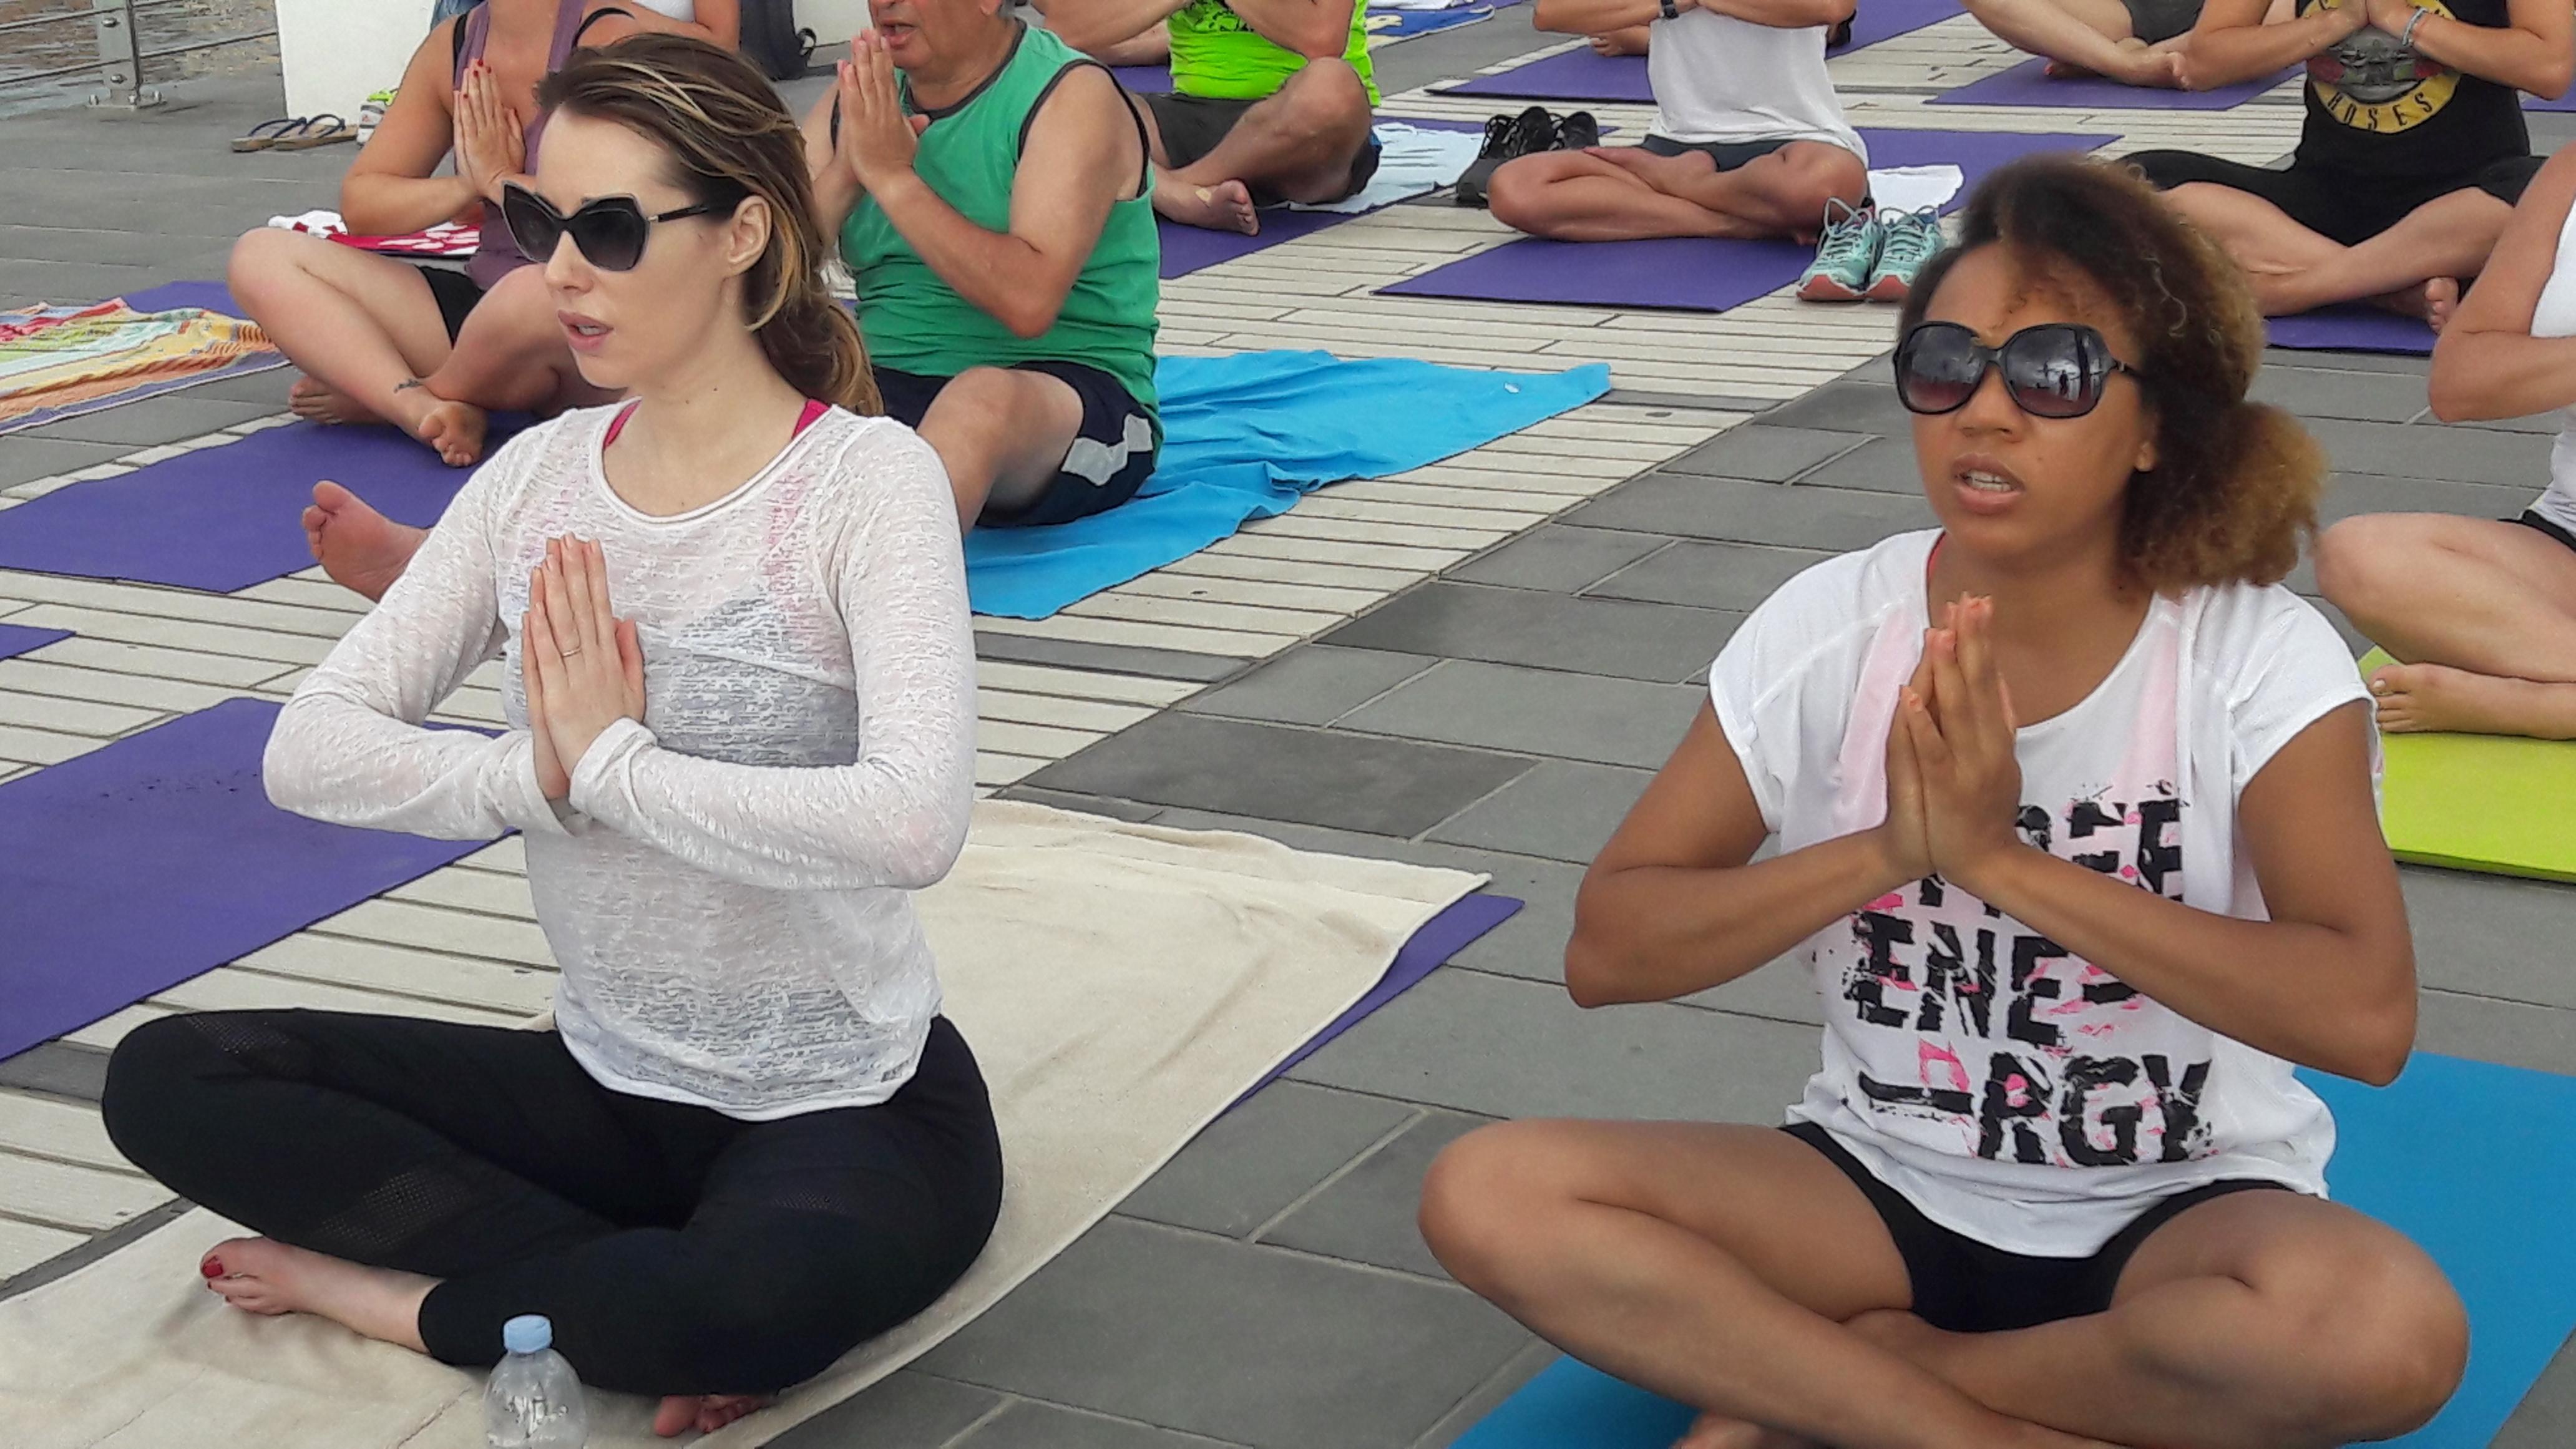 essere-free-yoga-gratuito-benessere-per-tutti-village-citta-alassio-estate-lucia-ragazzi-summer-town-wellness-50